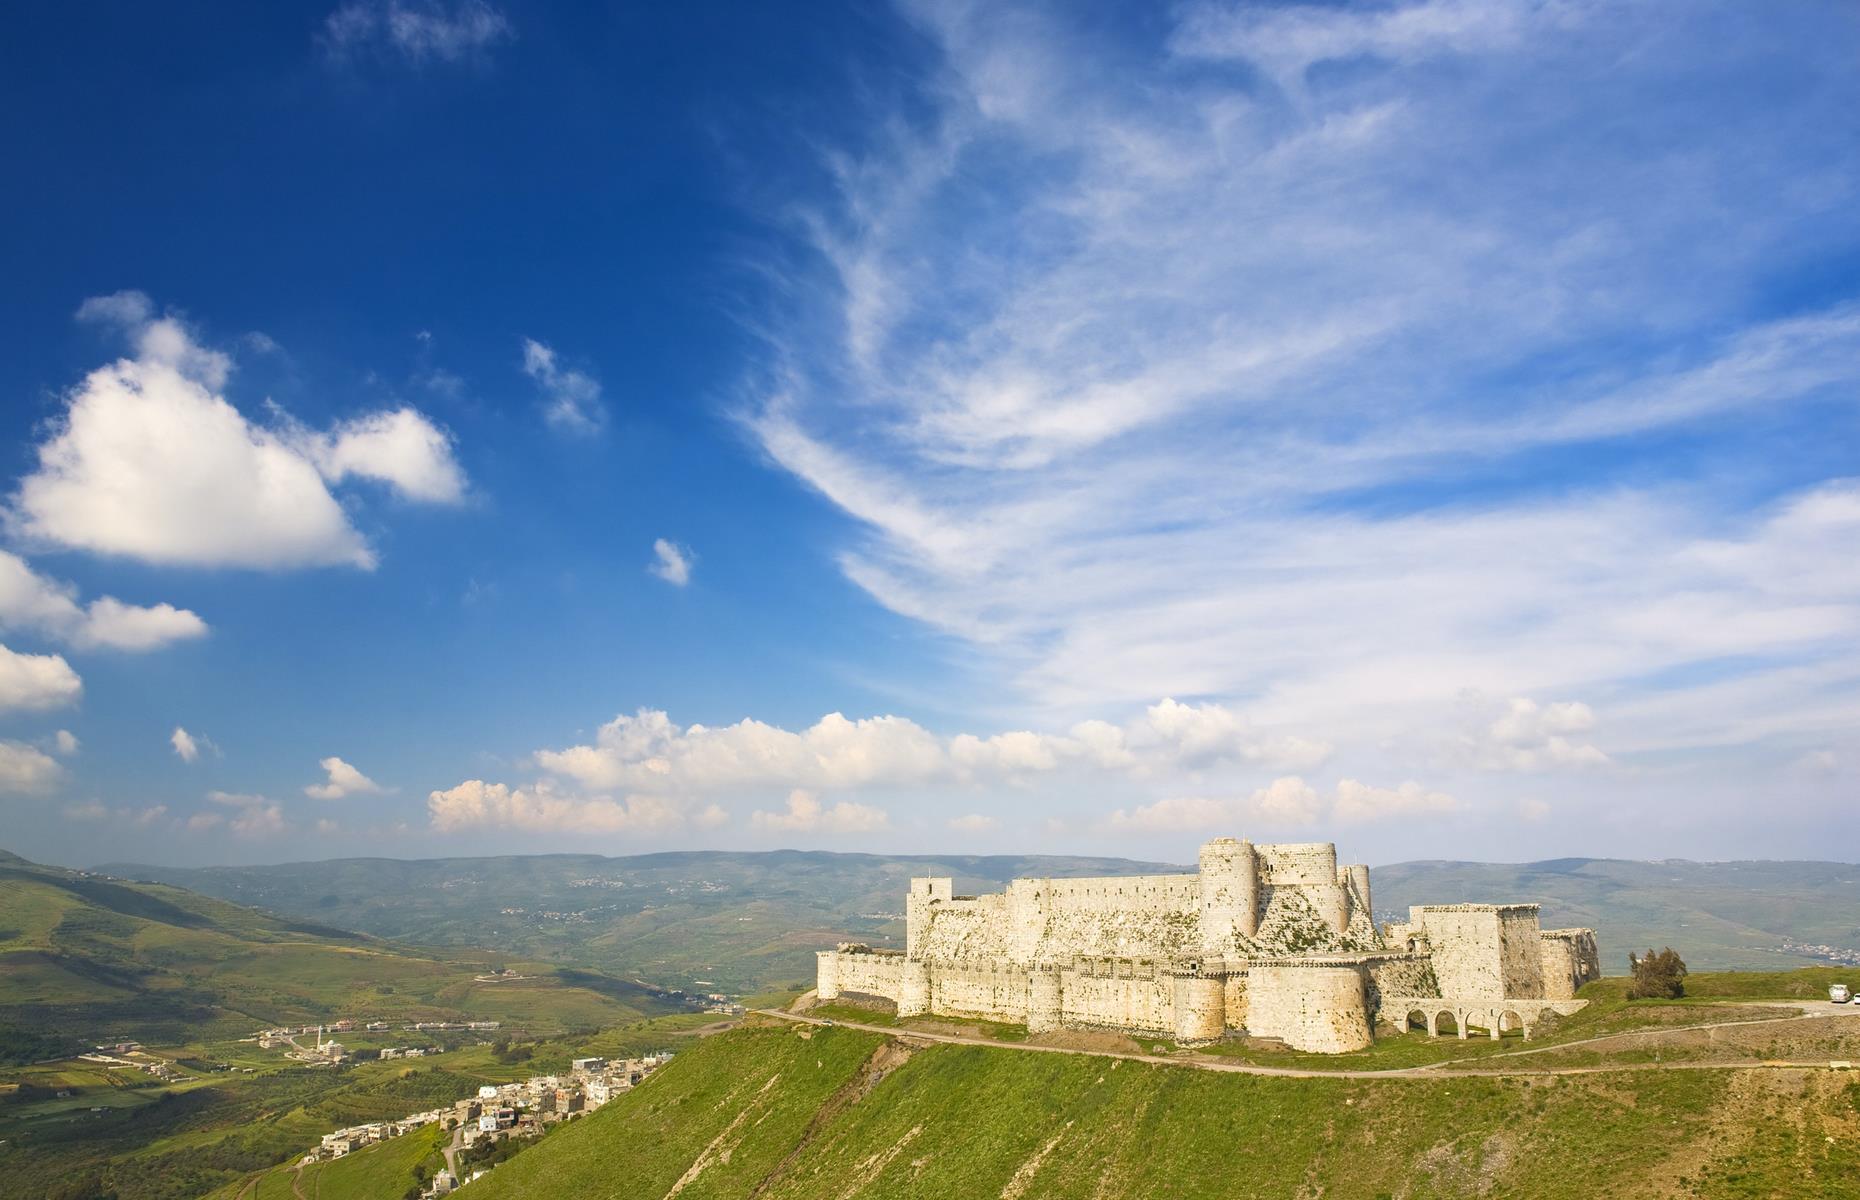 Chiêm ngưỡng những điểm đến cổ đại bị bỏ lỡ trên thế giới - Ảnh 3.